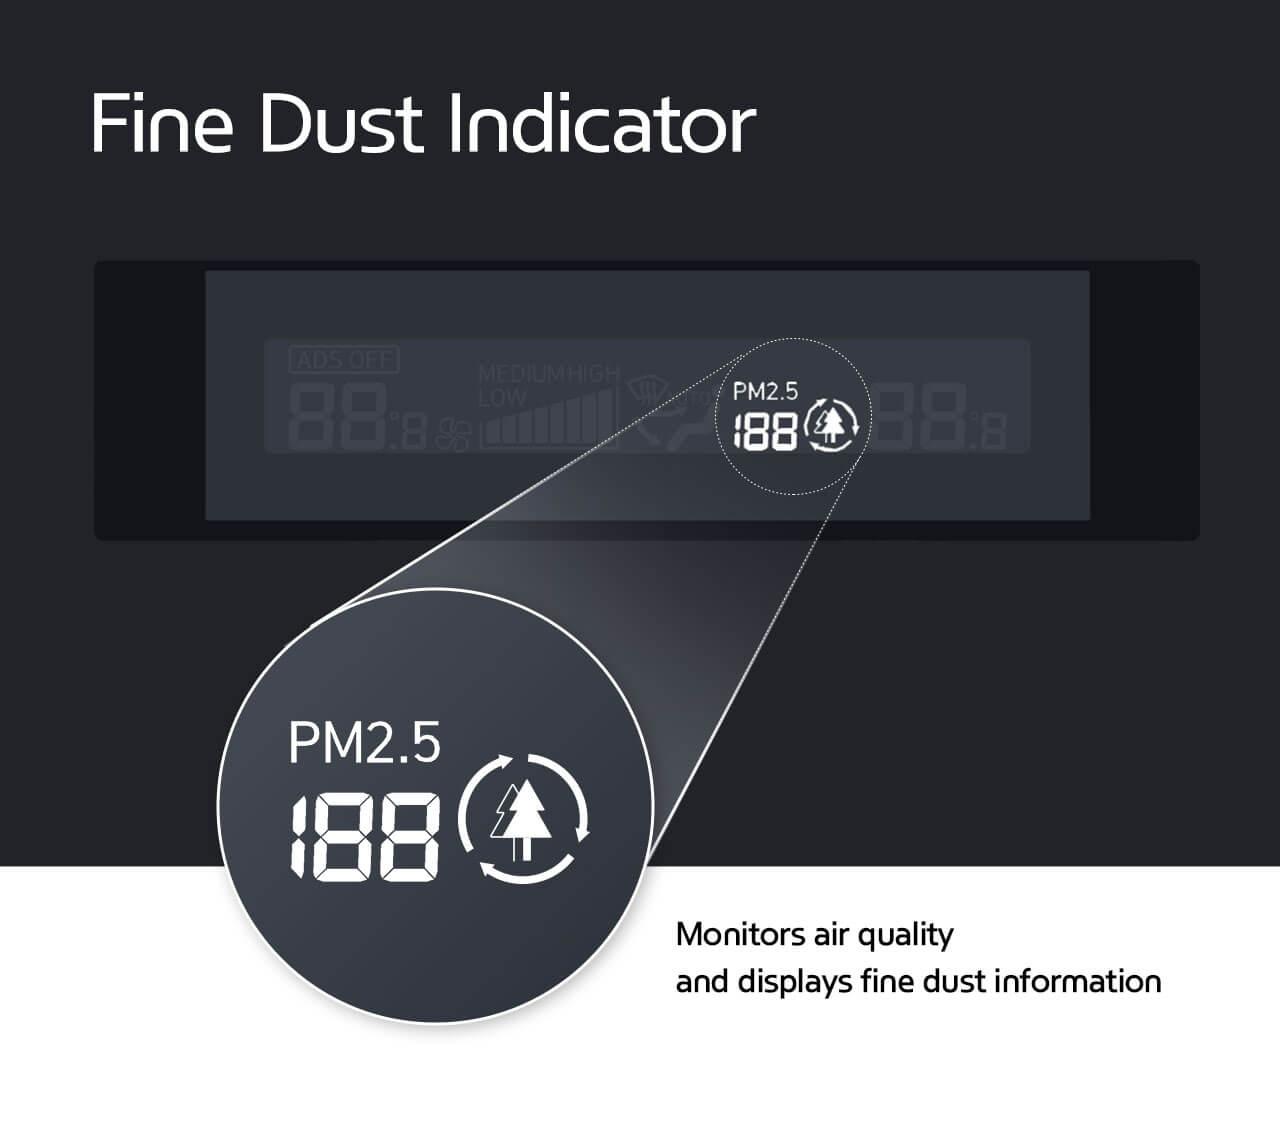 Fine Dust Indicator відображає поточну інформацію про якість повітря